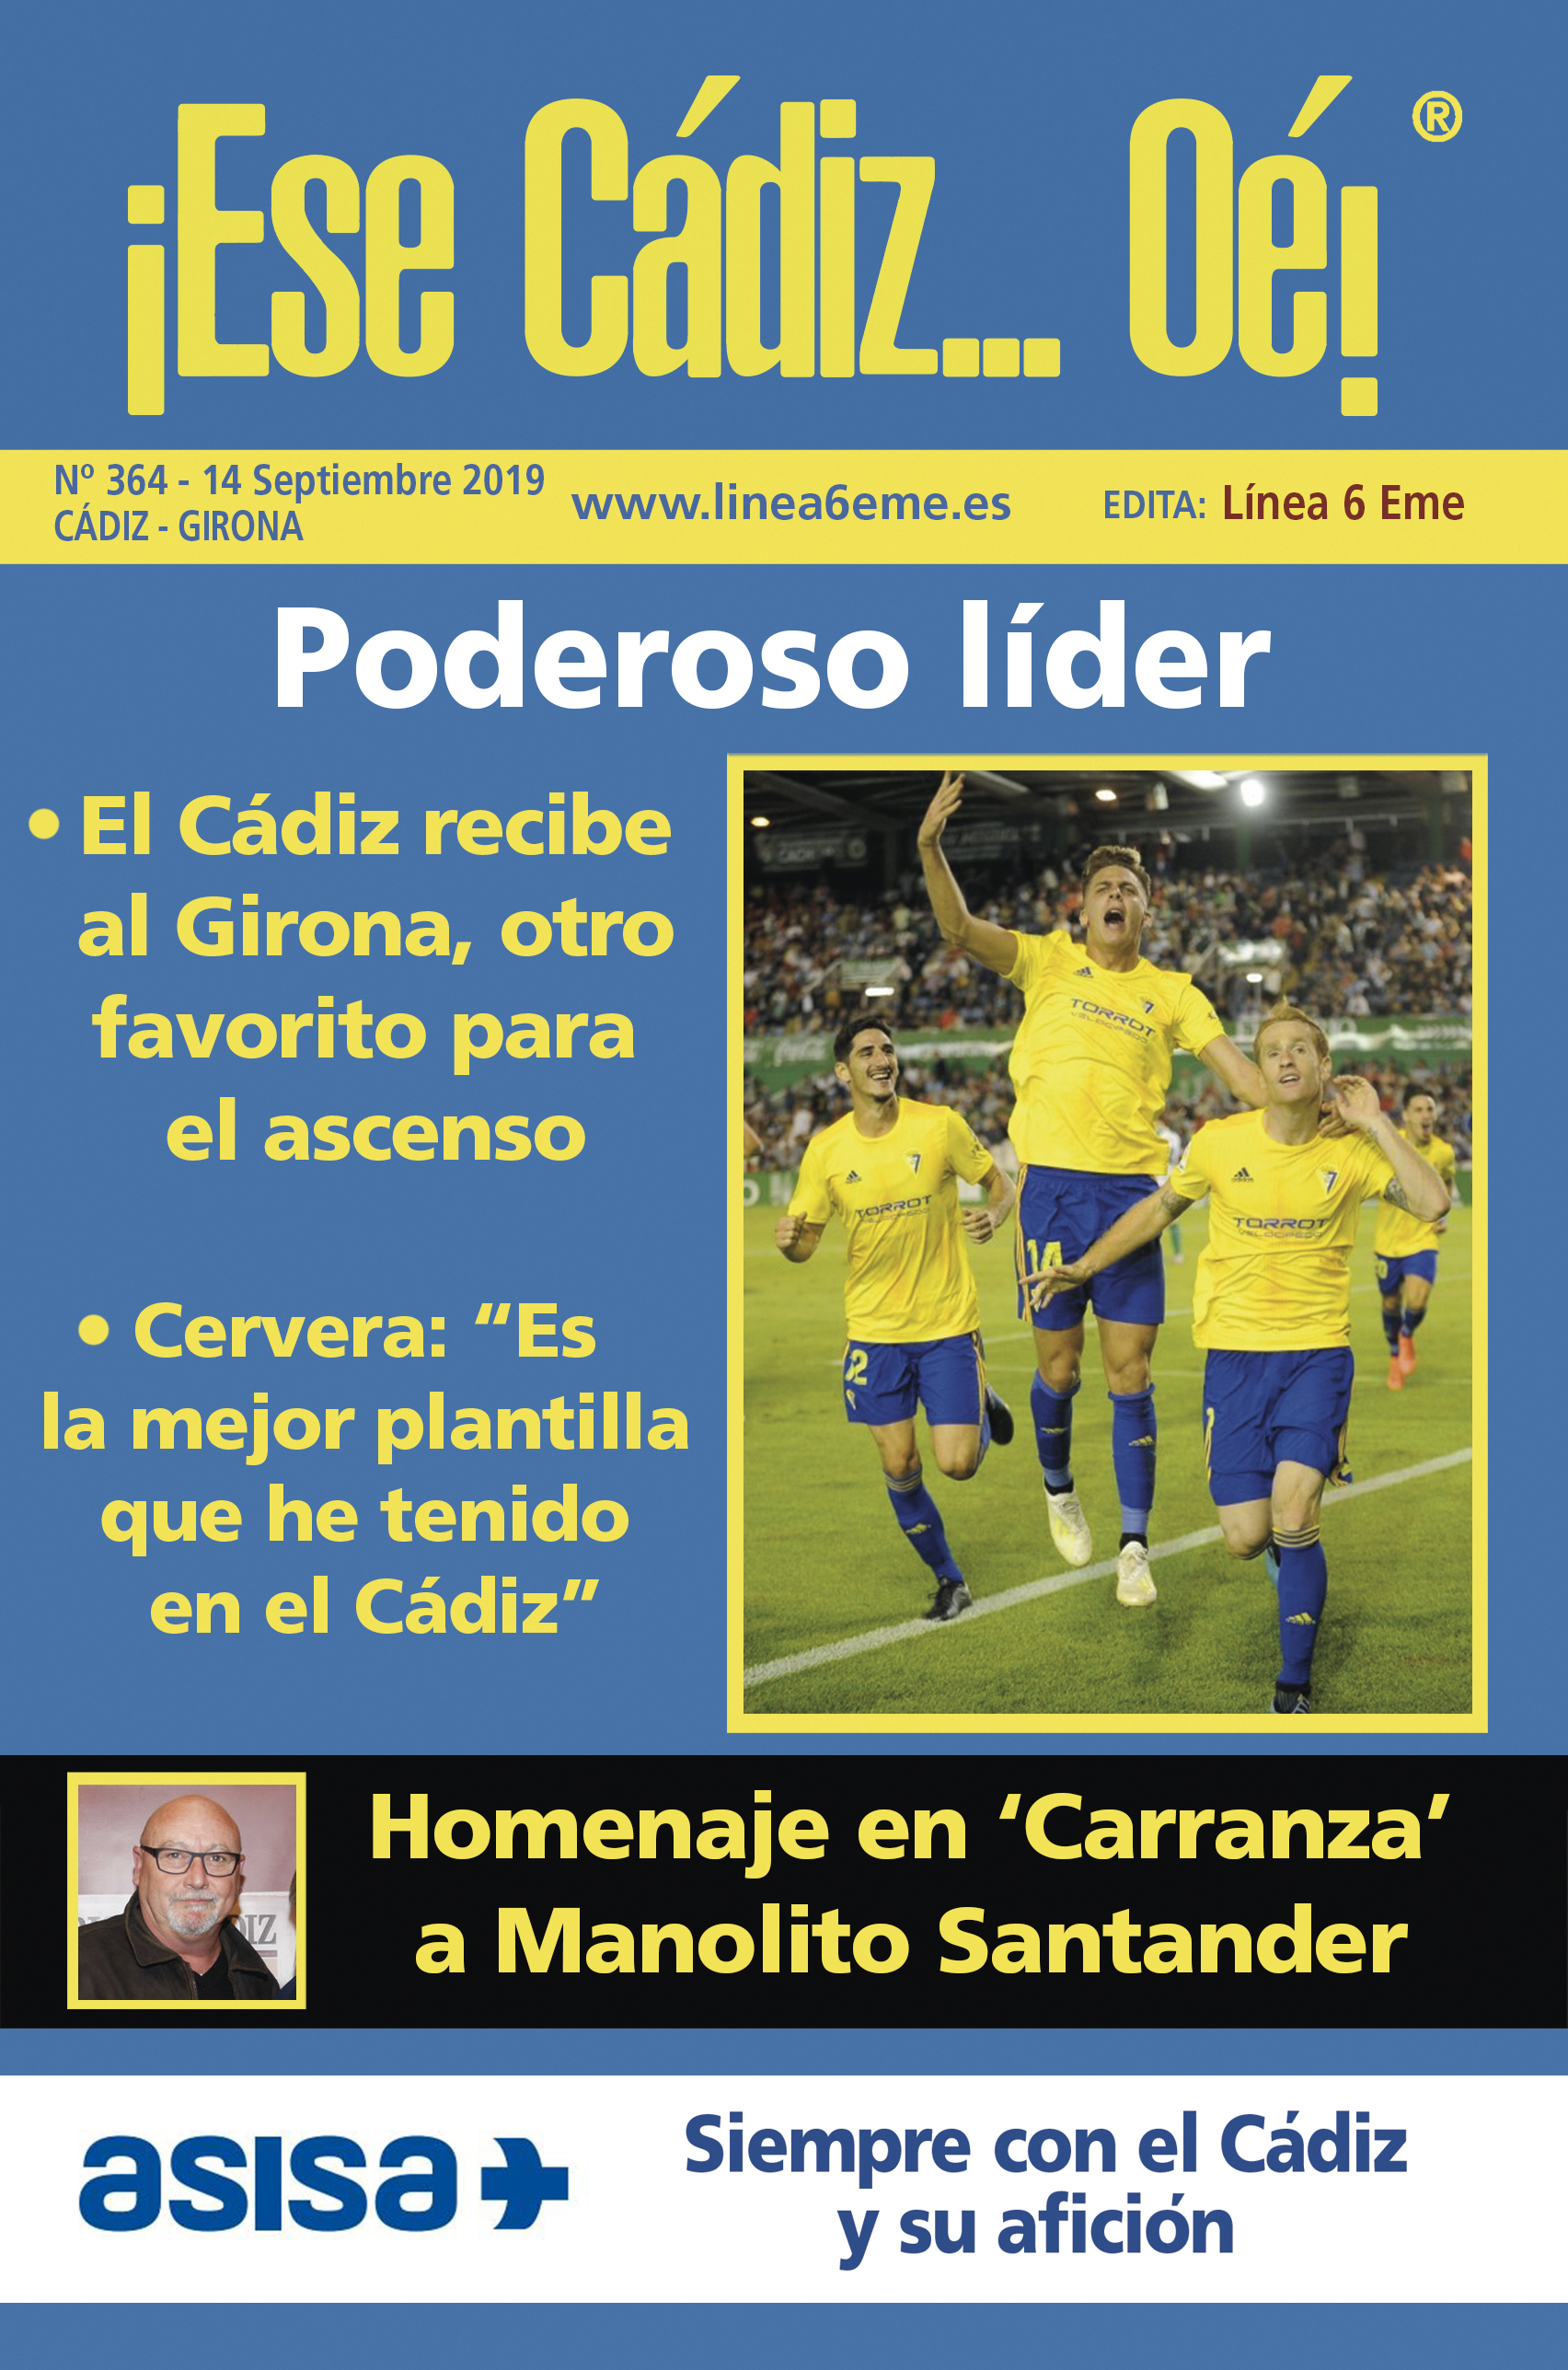 ¡Ese Cádiz…Oé! núm. 364 Temporada 2019/20